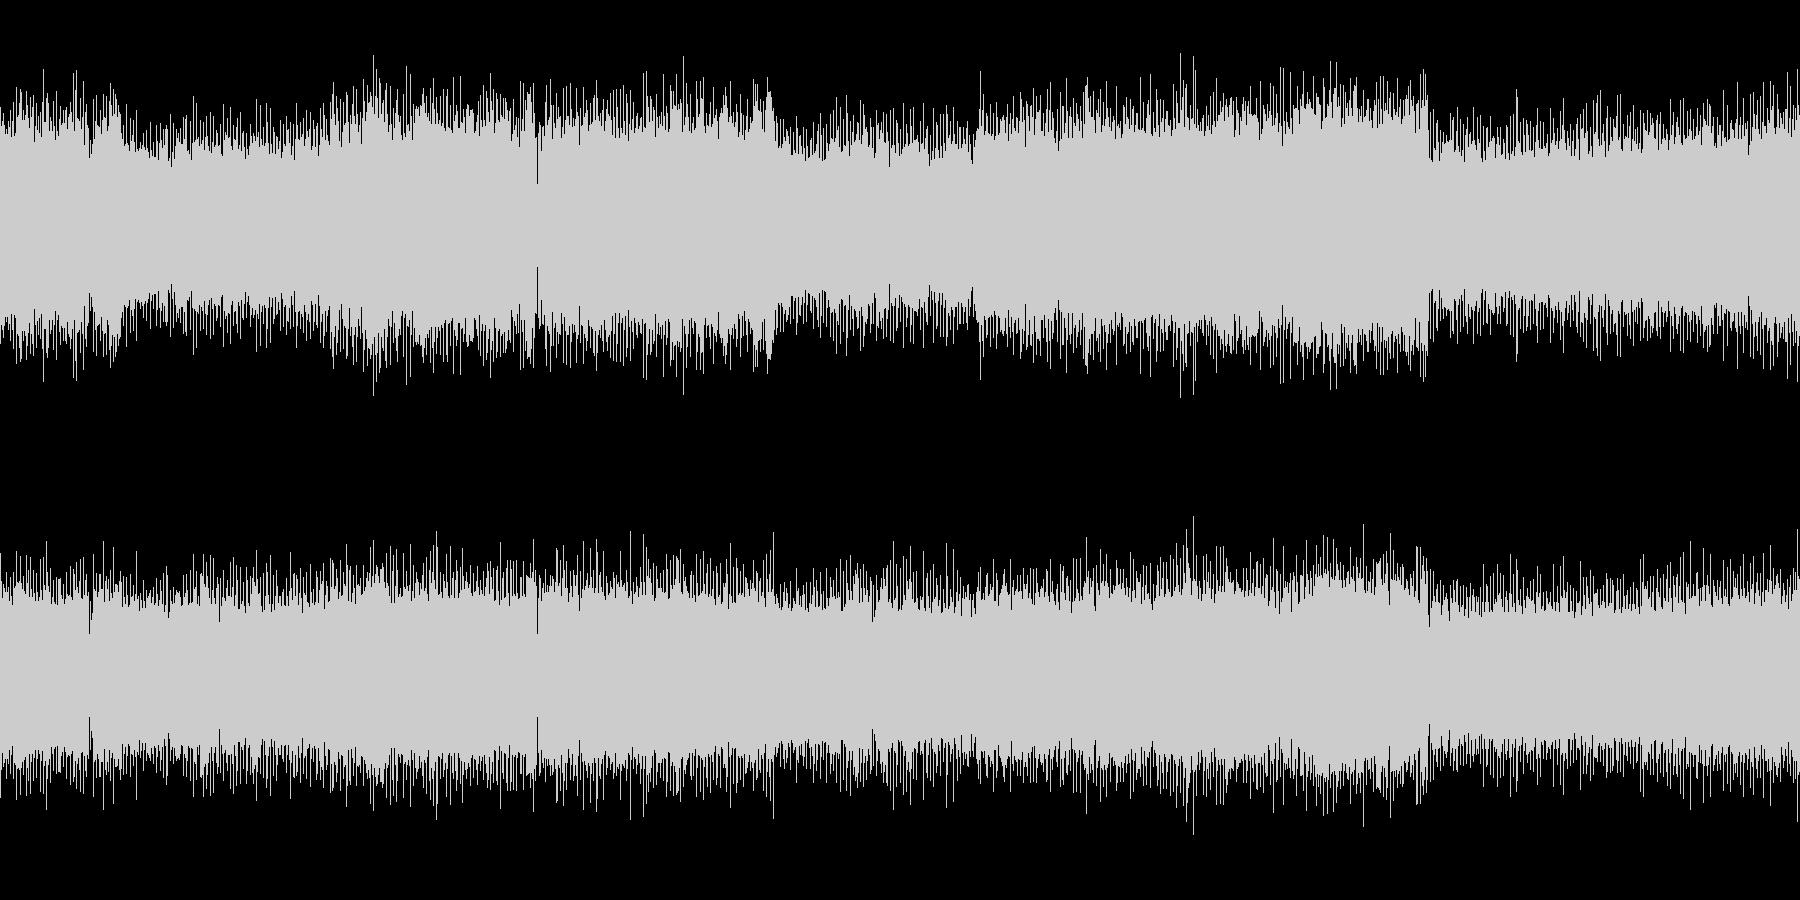 ループ オーケストラとロックのバトルの未再生の波形